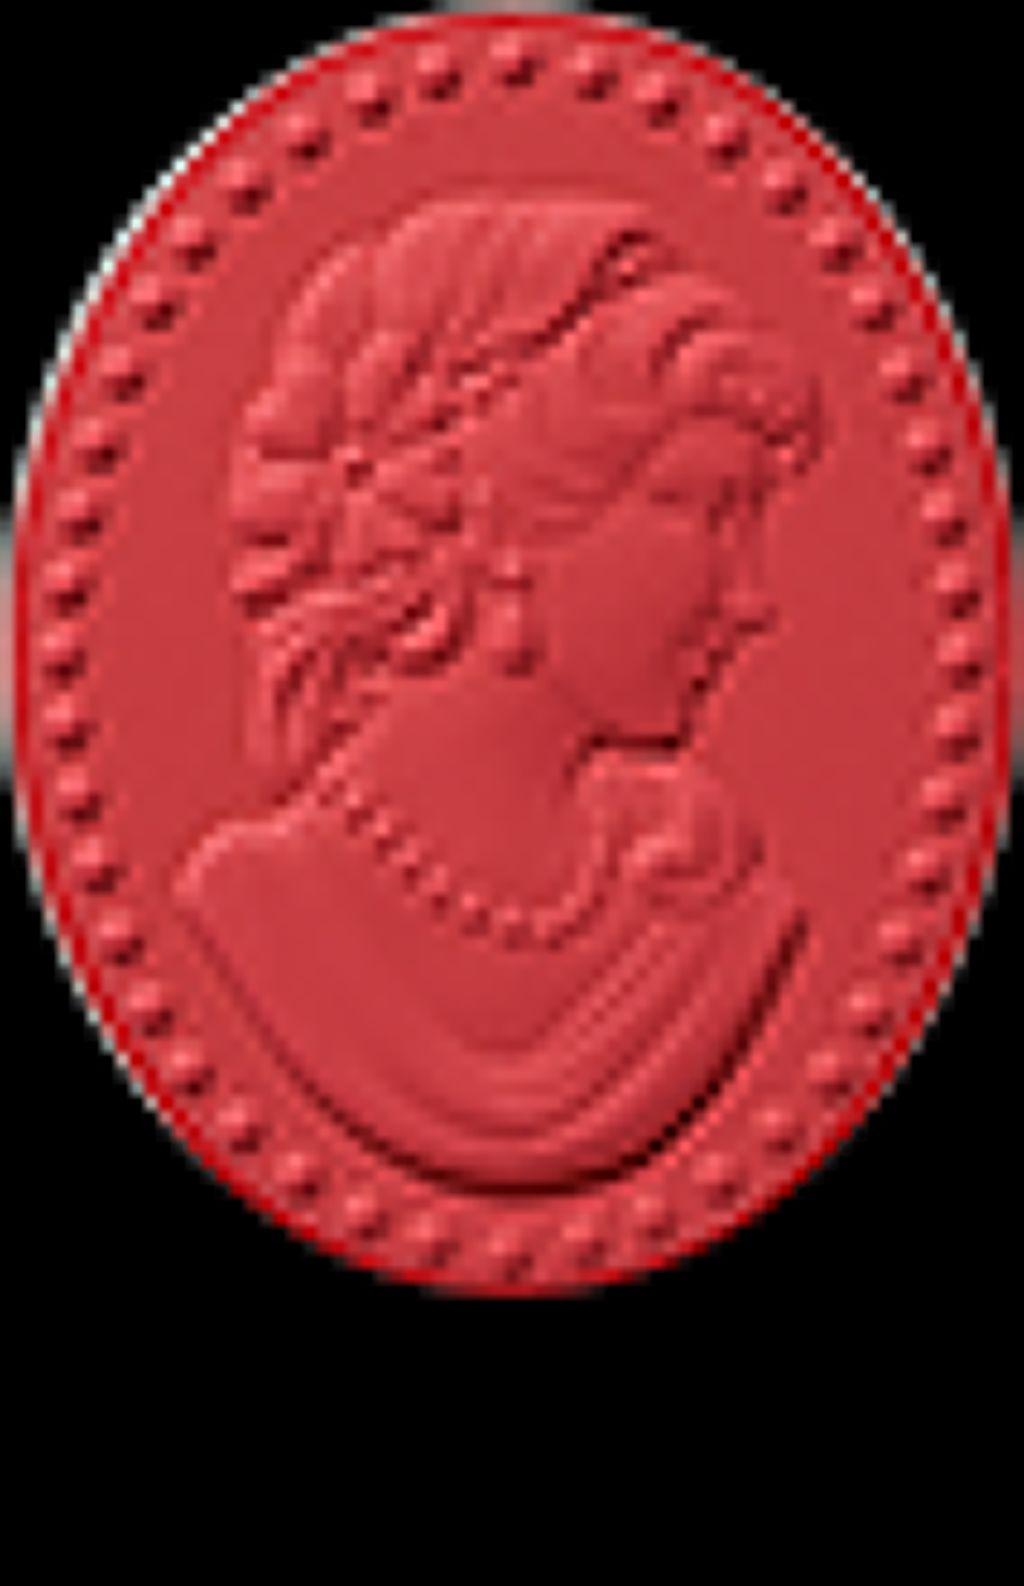 プレスト チークカラー N12 Cramoisi(クラモアズィ)深紅色